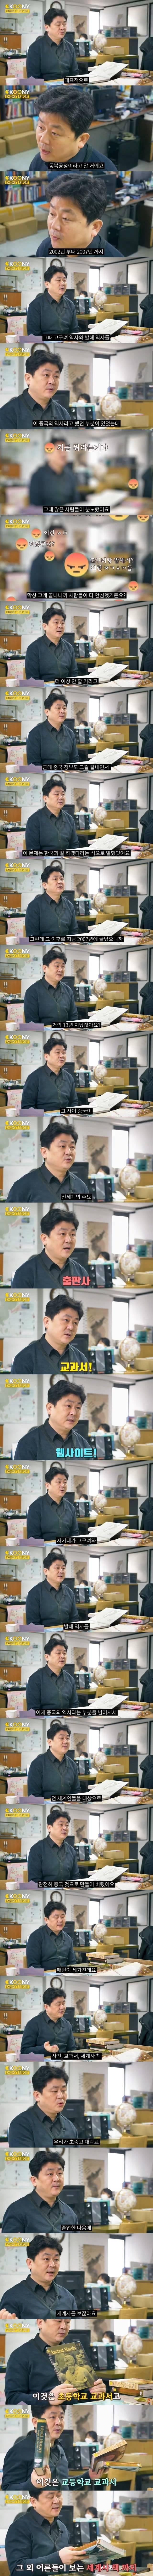 동북공정 근황.jpg